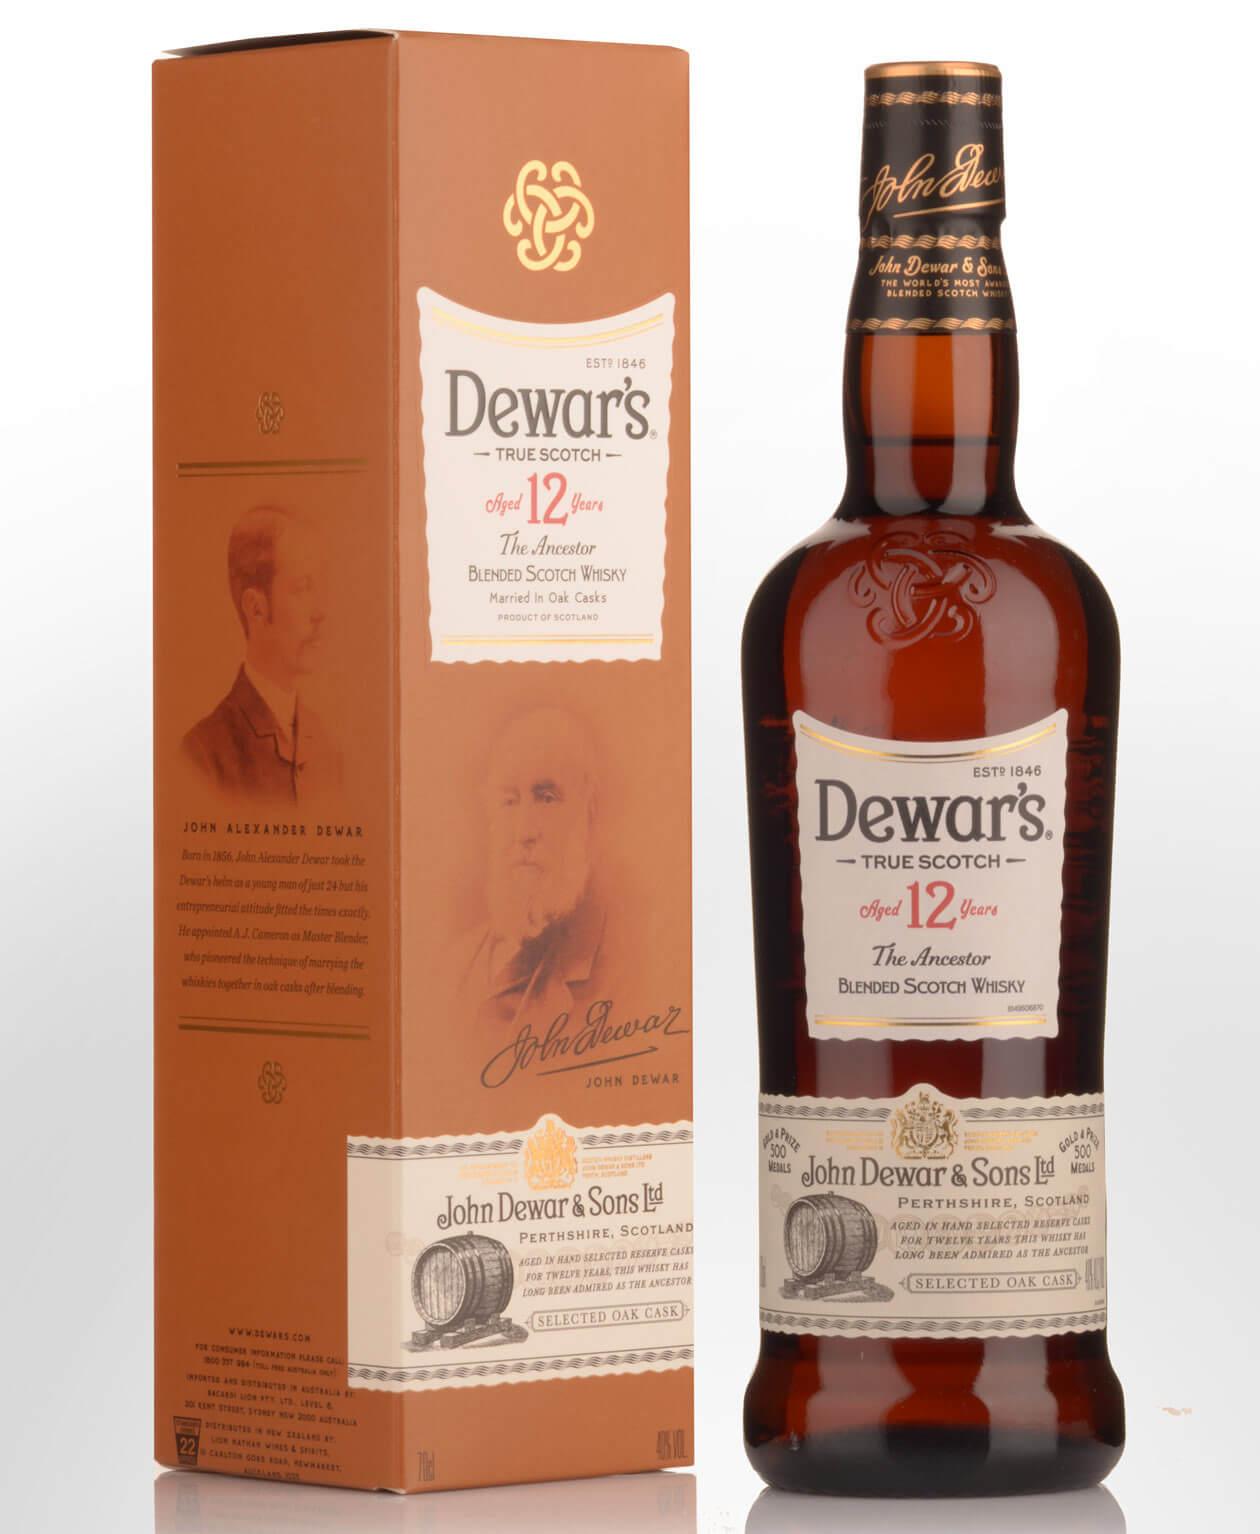 Rượu Dewar's 12